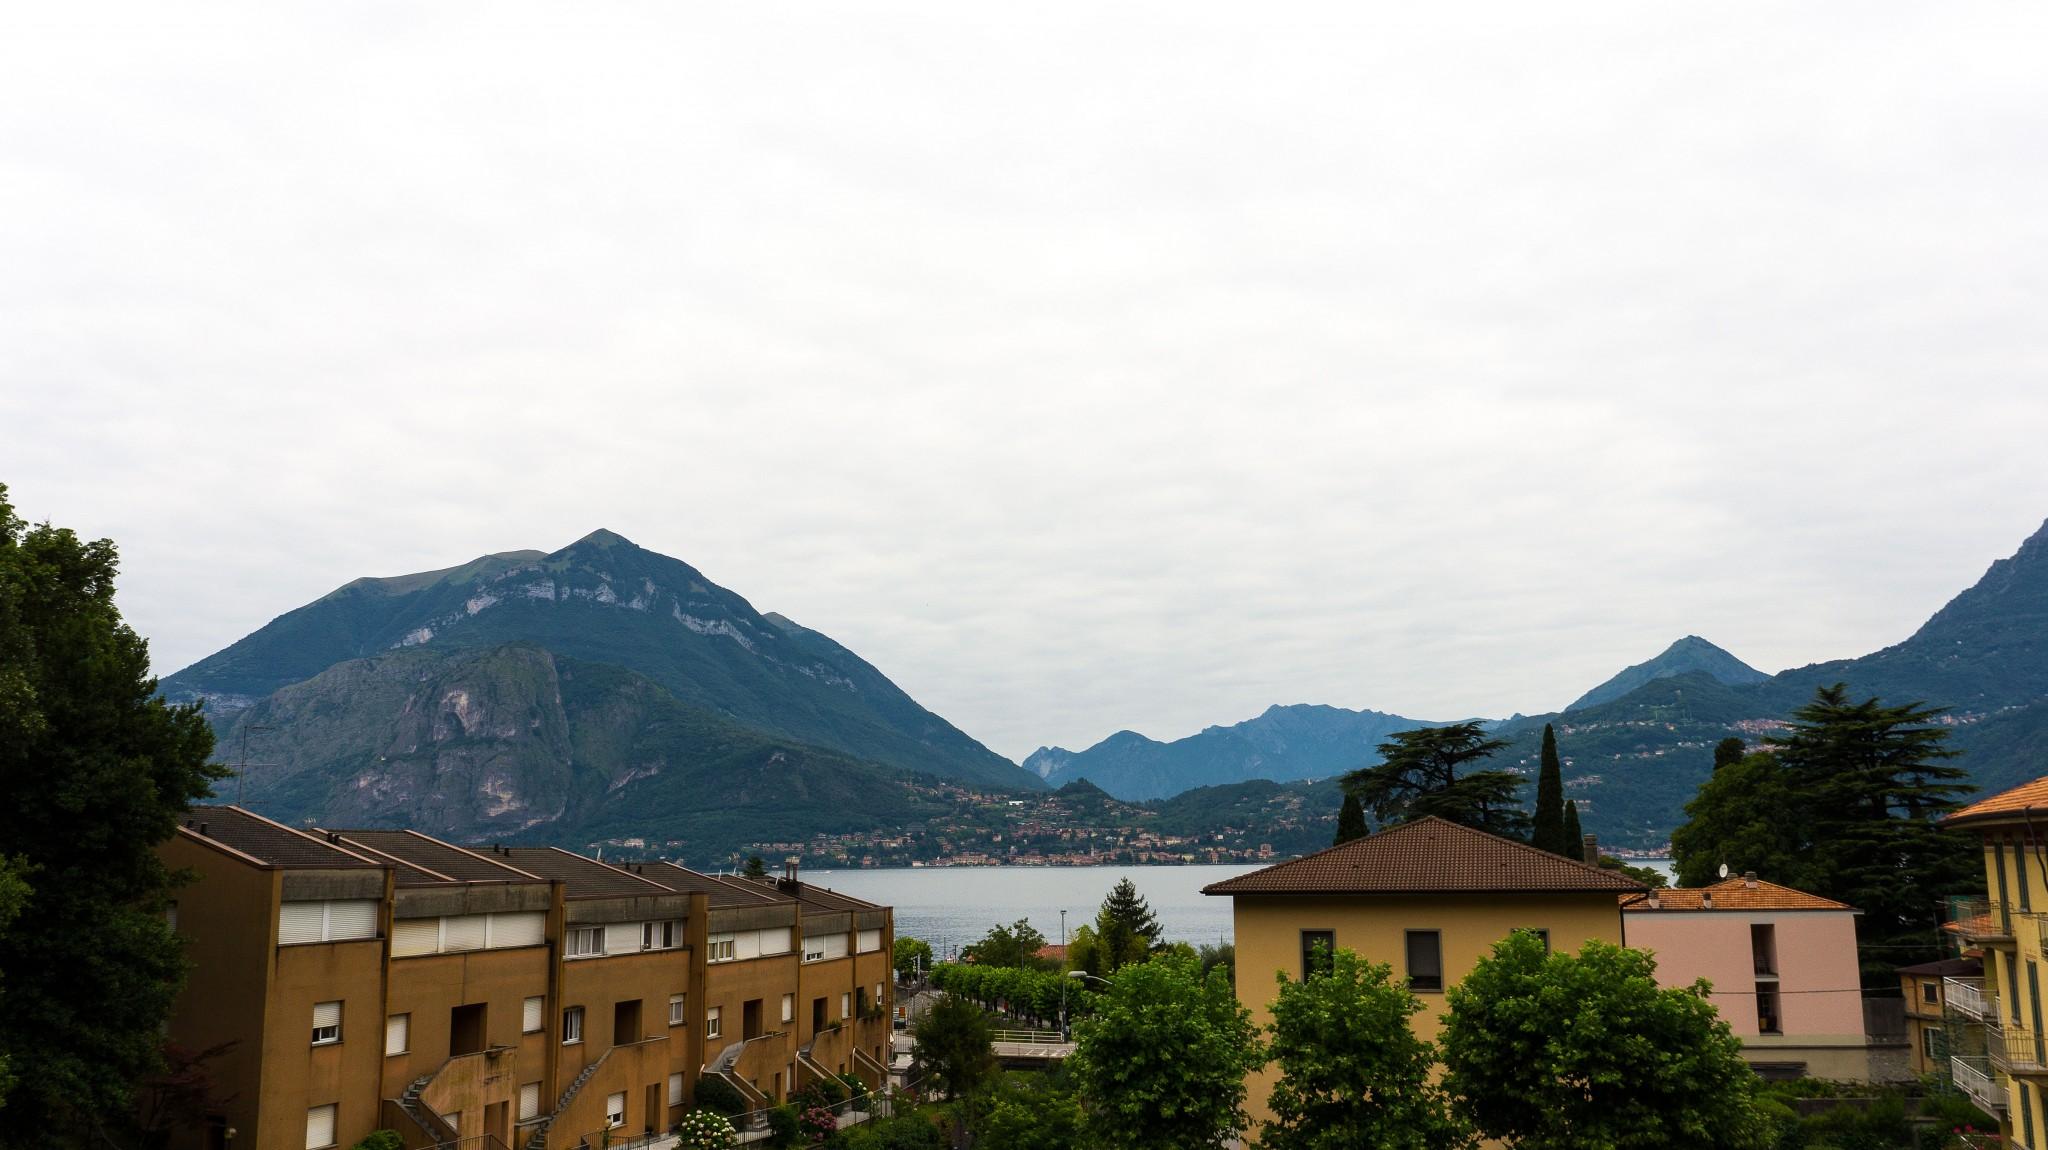 Италия: Озеро Комо - Варенна